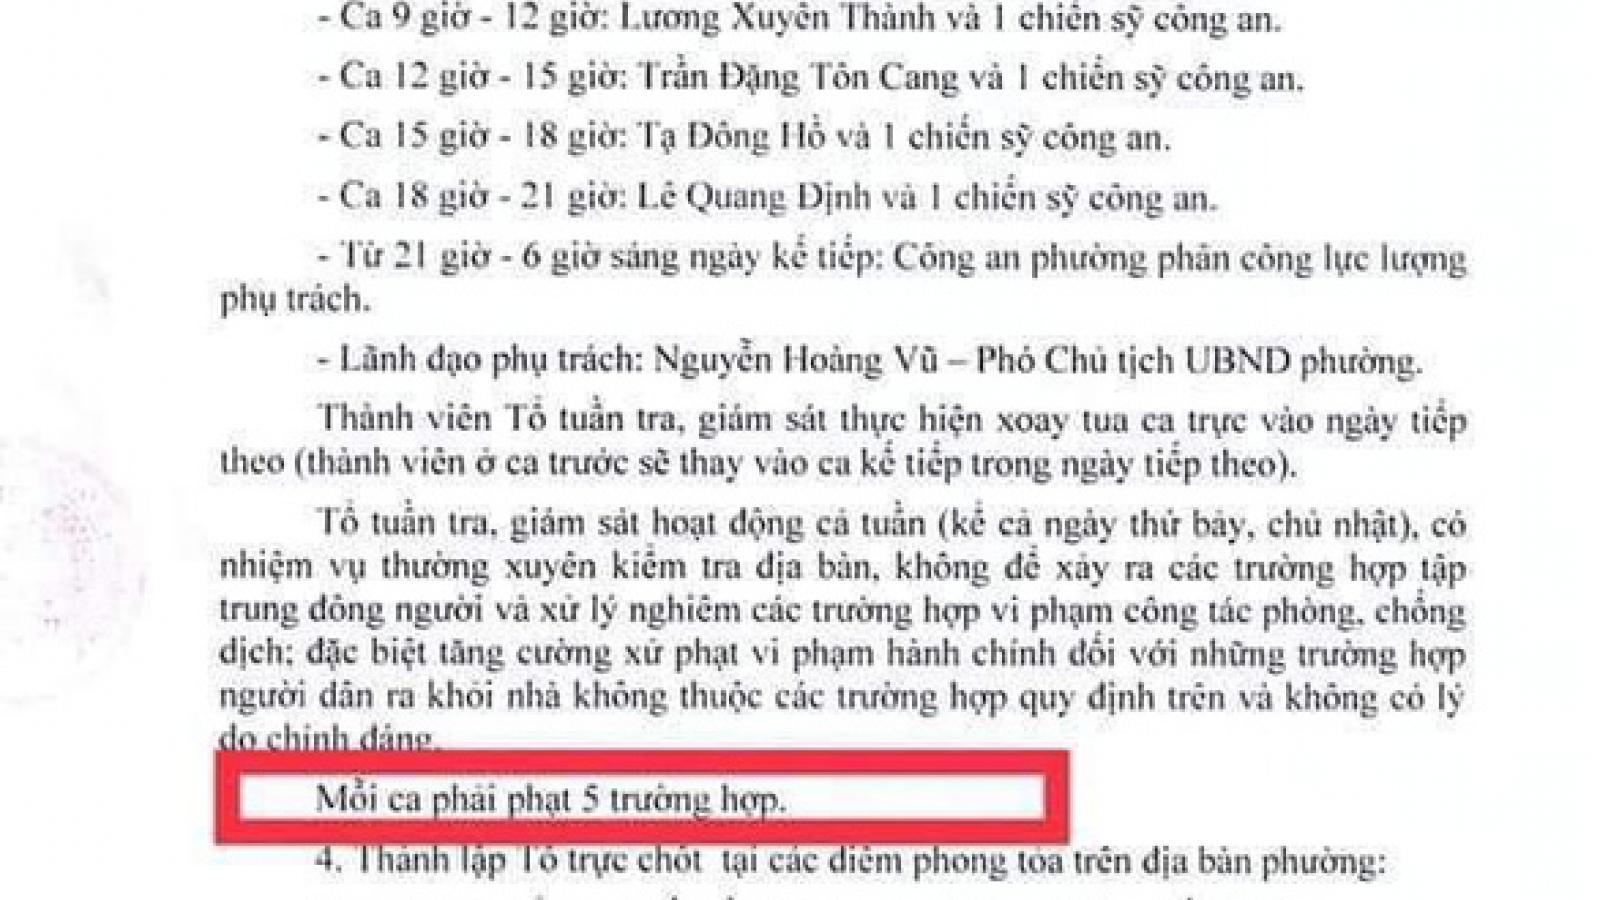 UBND phường 6, quận Gò Vấp phản hồi văn bản xử phạt theo chỉ tiêu thành tích